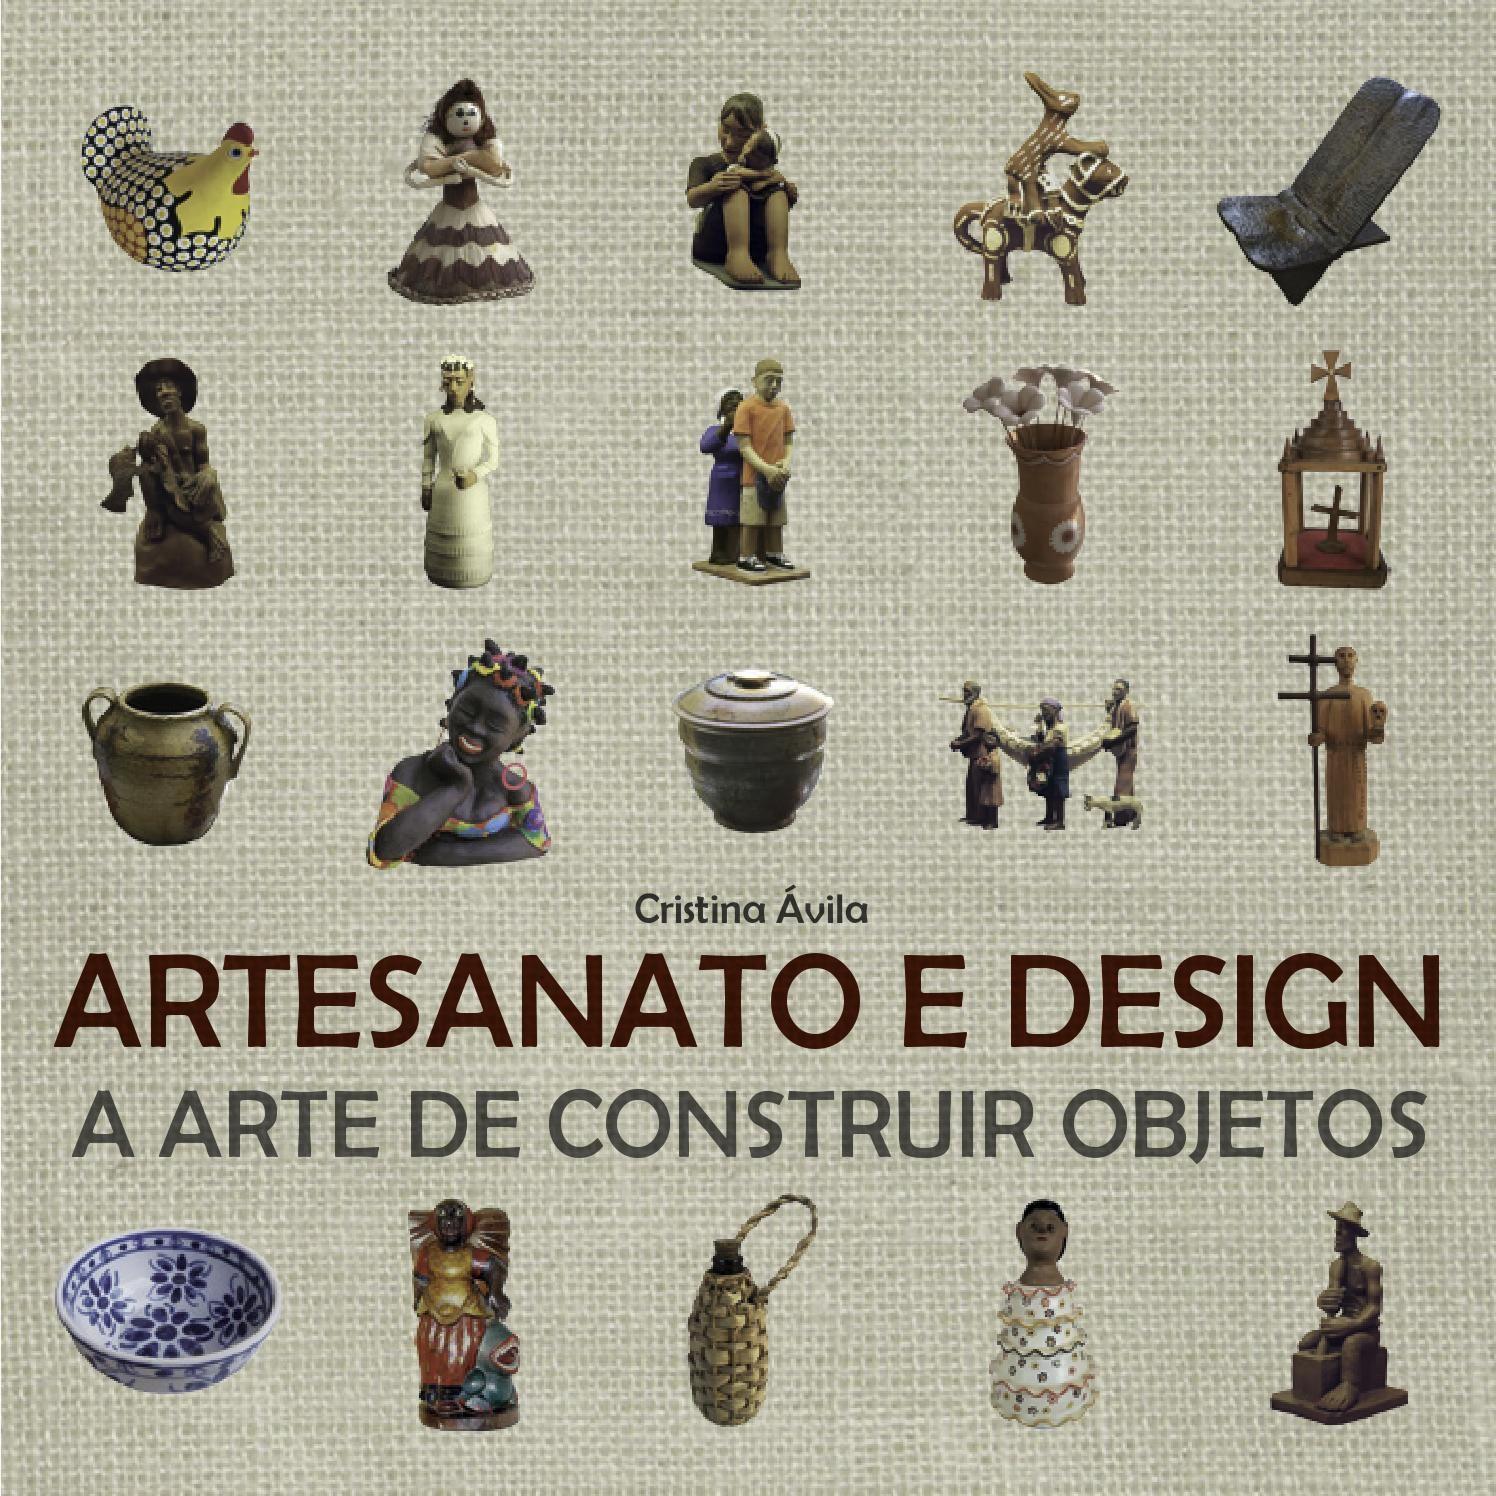 Artesanato e Design  Livro Artesanato e Design - A arte de construir objetos